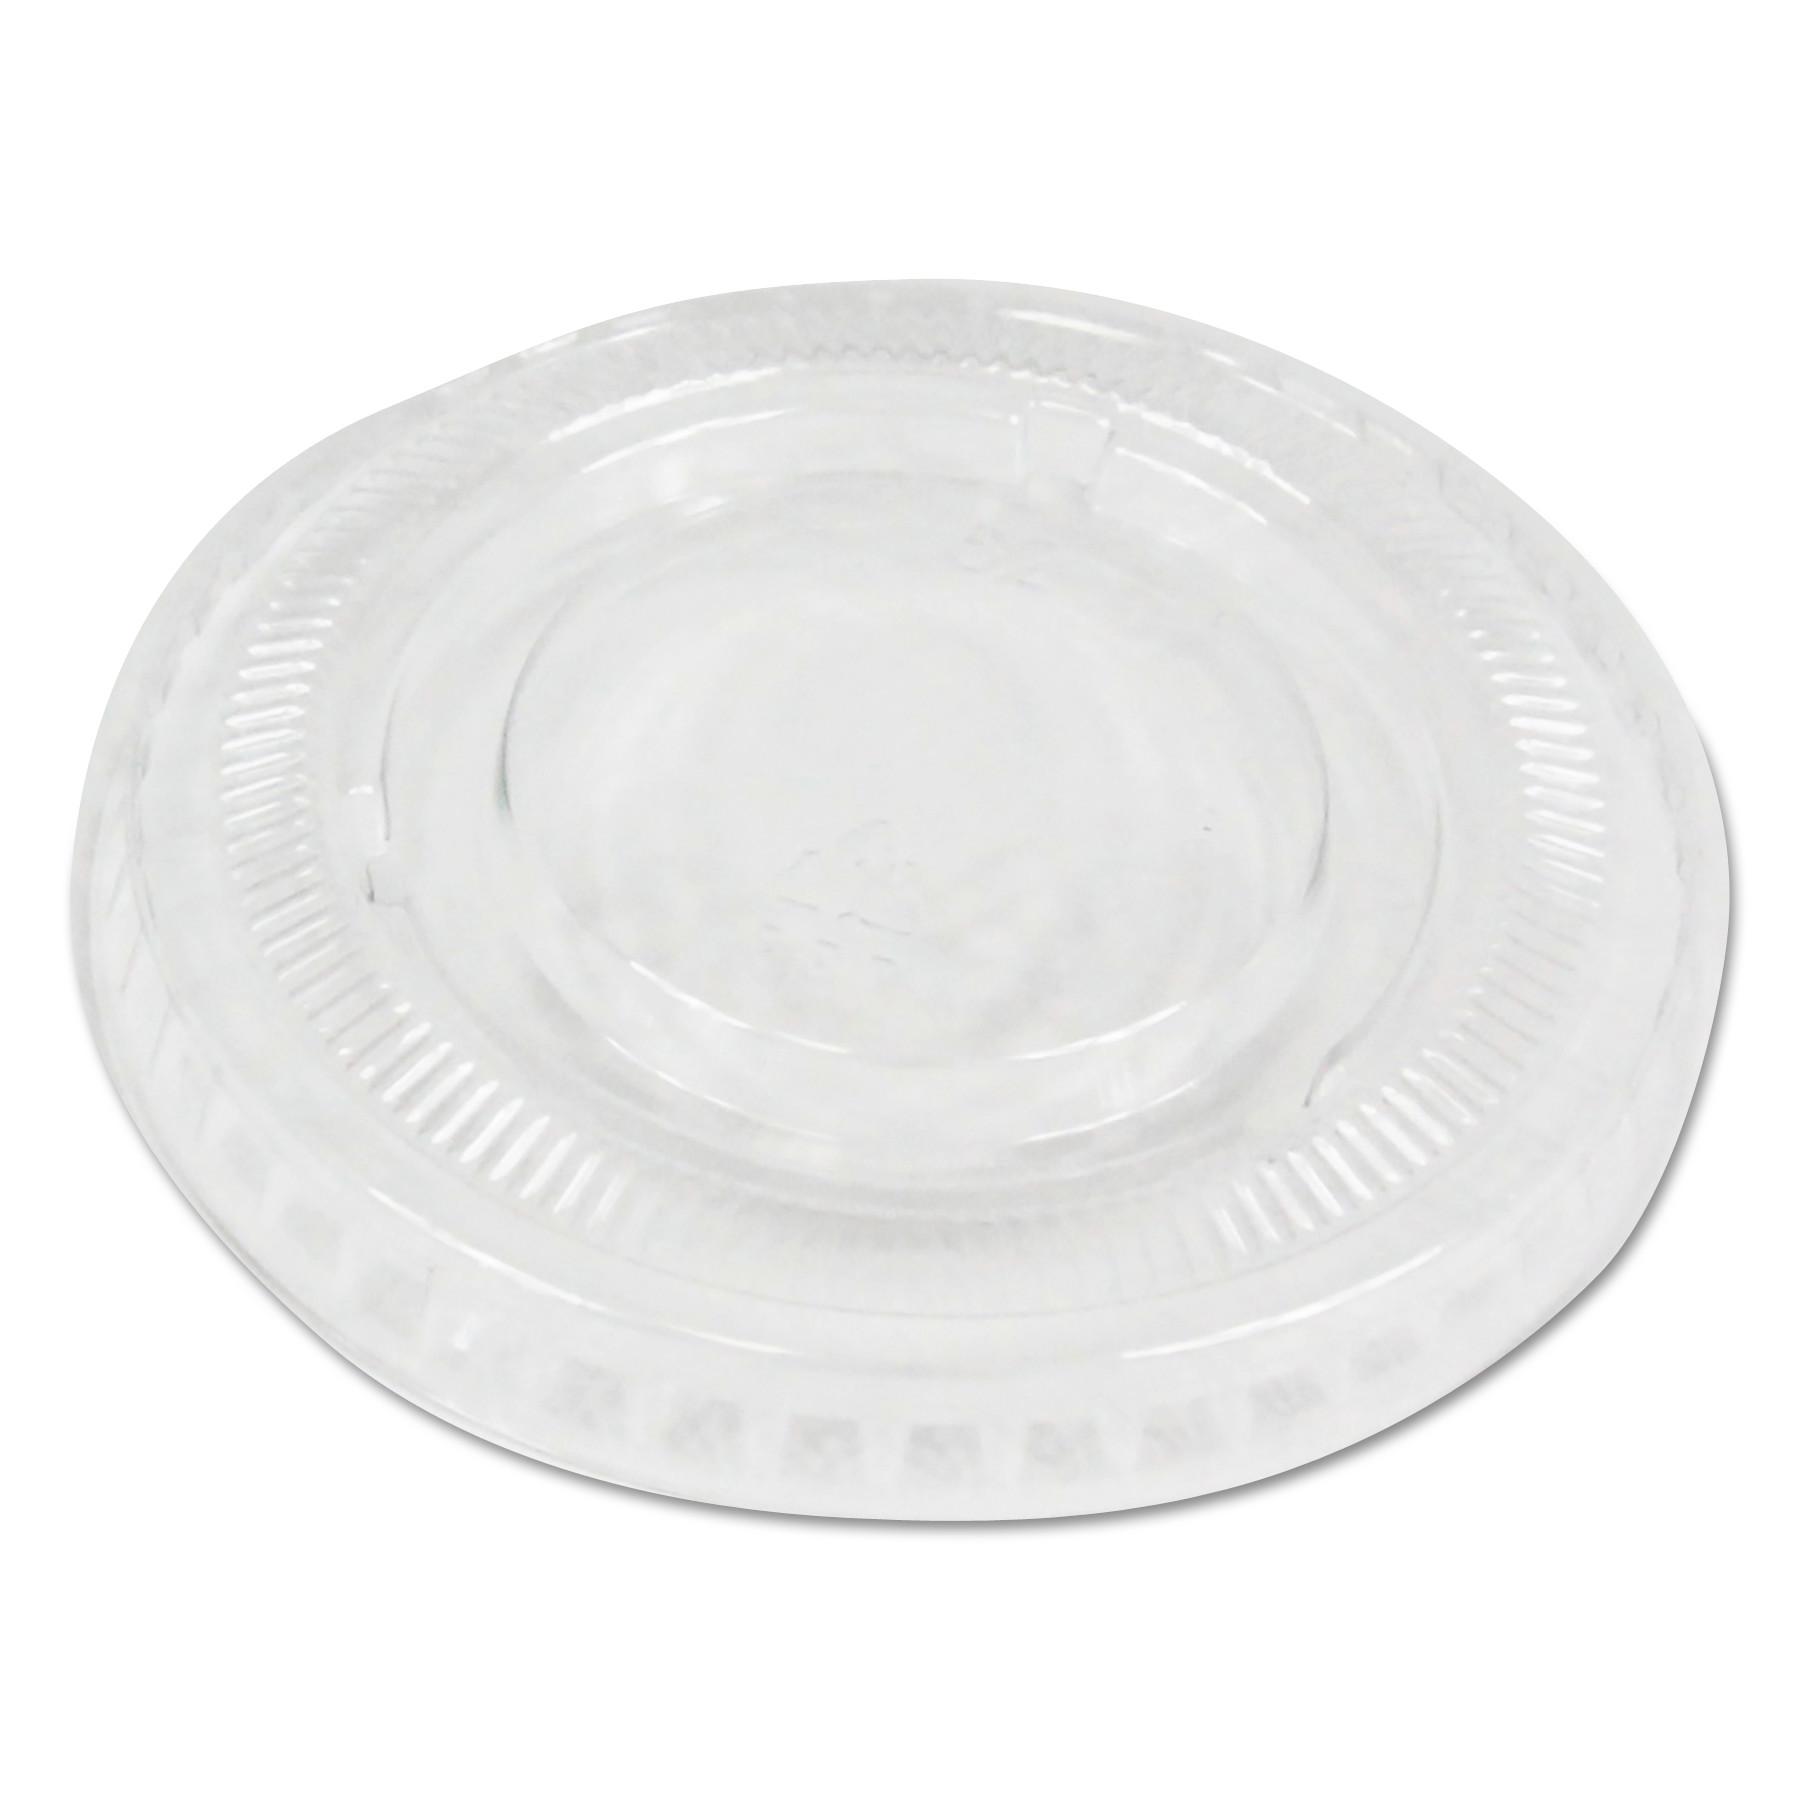 Soufflé/Portion Cup Lids, Fits 1 oz Portion Cups, Clear, 2500/Carton